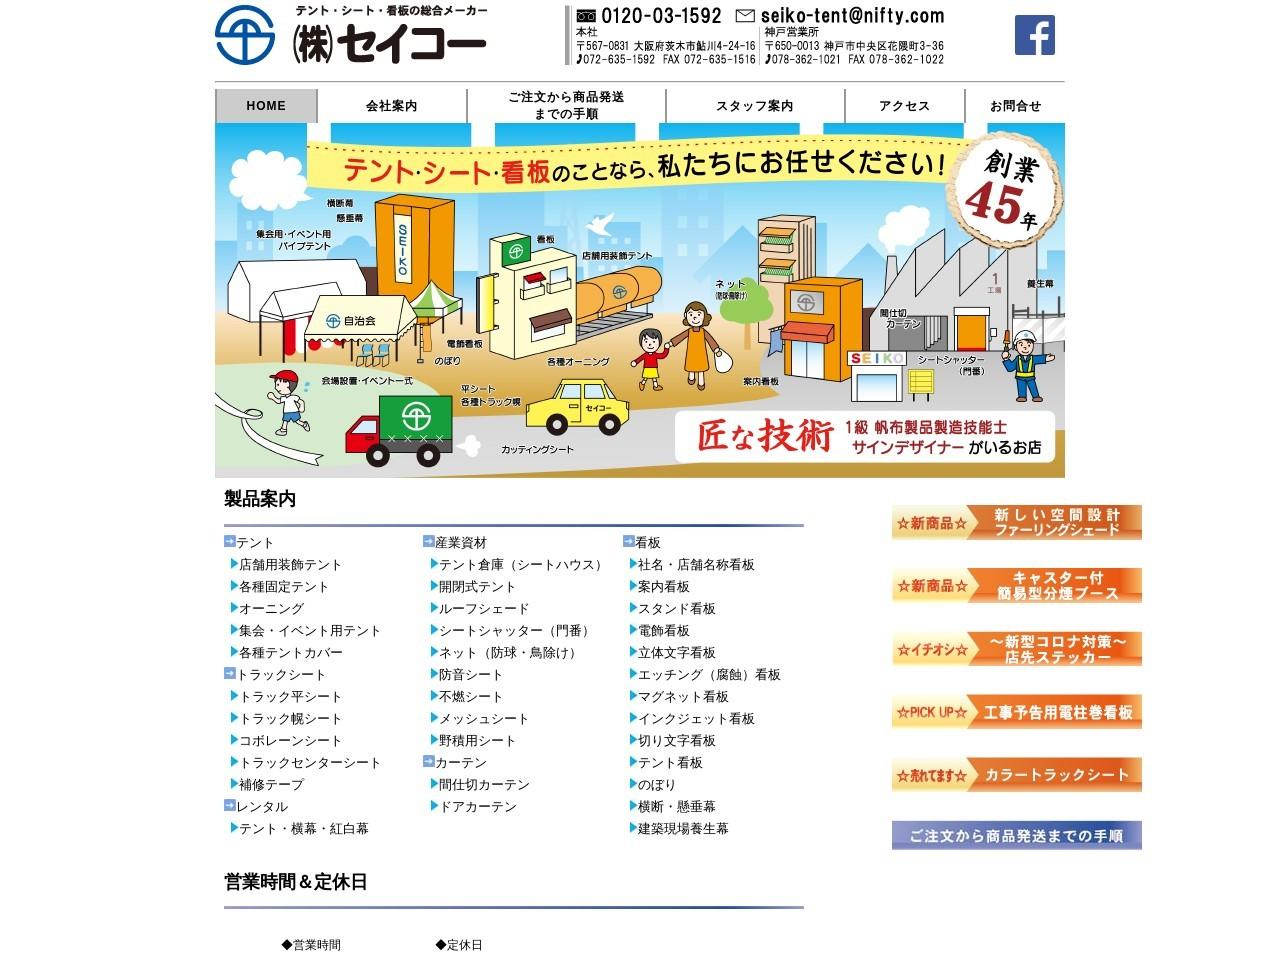 株式会社セイコー神戸営業所